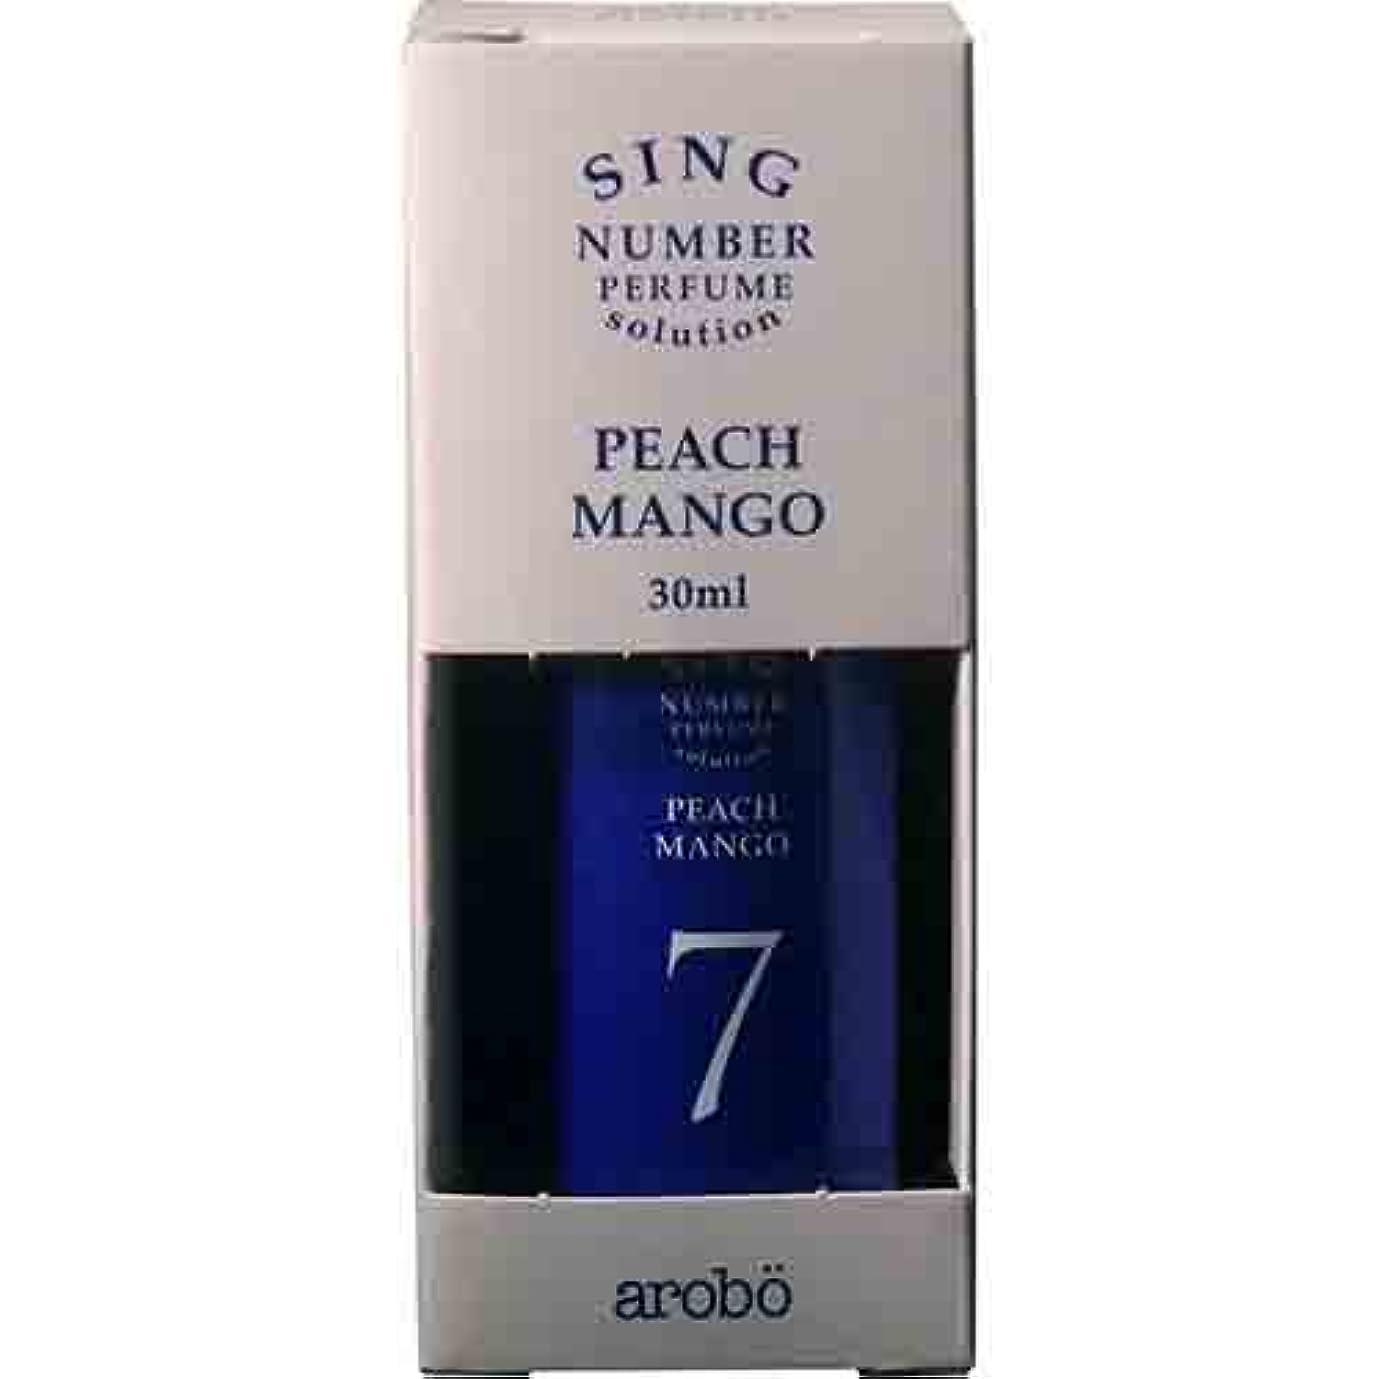 寓話細断欠伸arobo SING 空気洗浄器用ソリューション CLV-857 30mL ピーチマンゴー